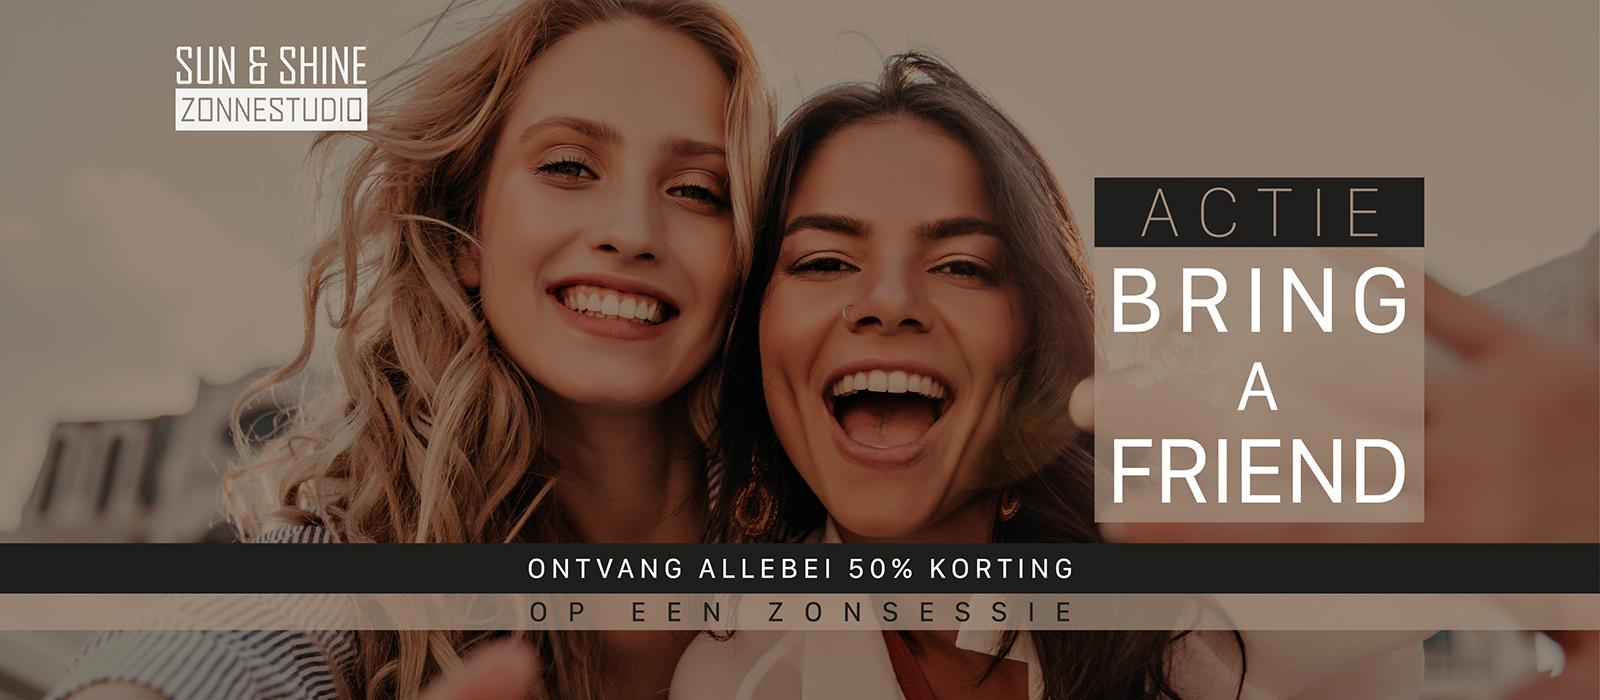 bring-a-friend-banner